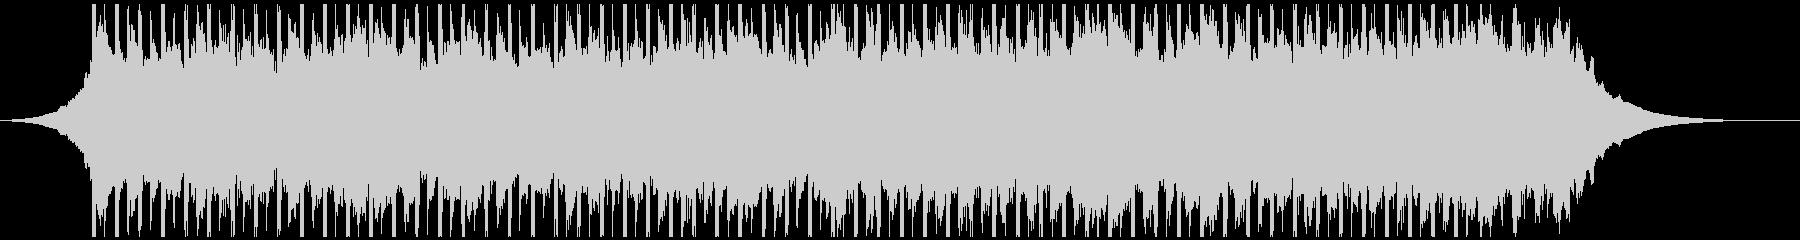 達成(ショート1)の未再生の波形